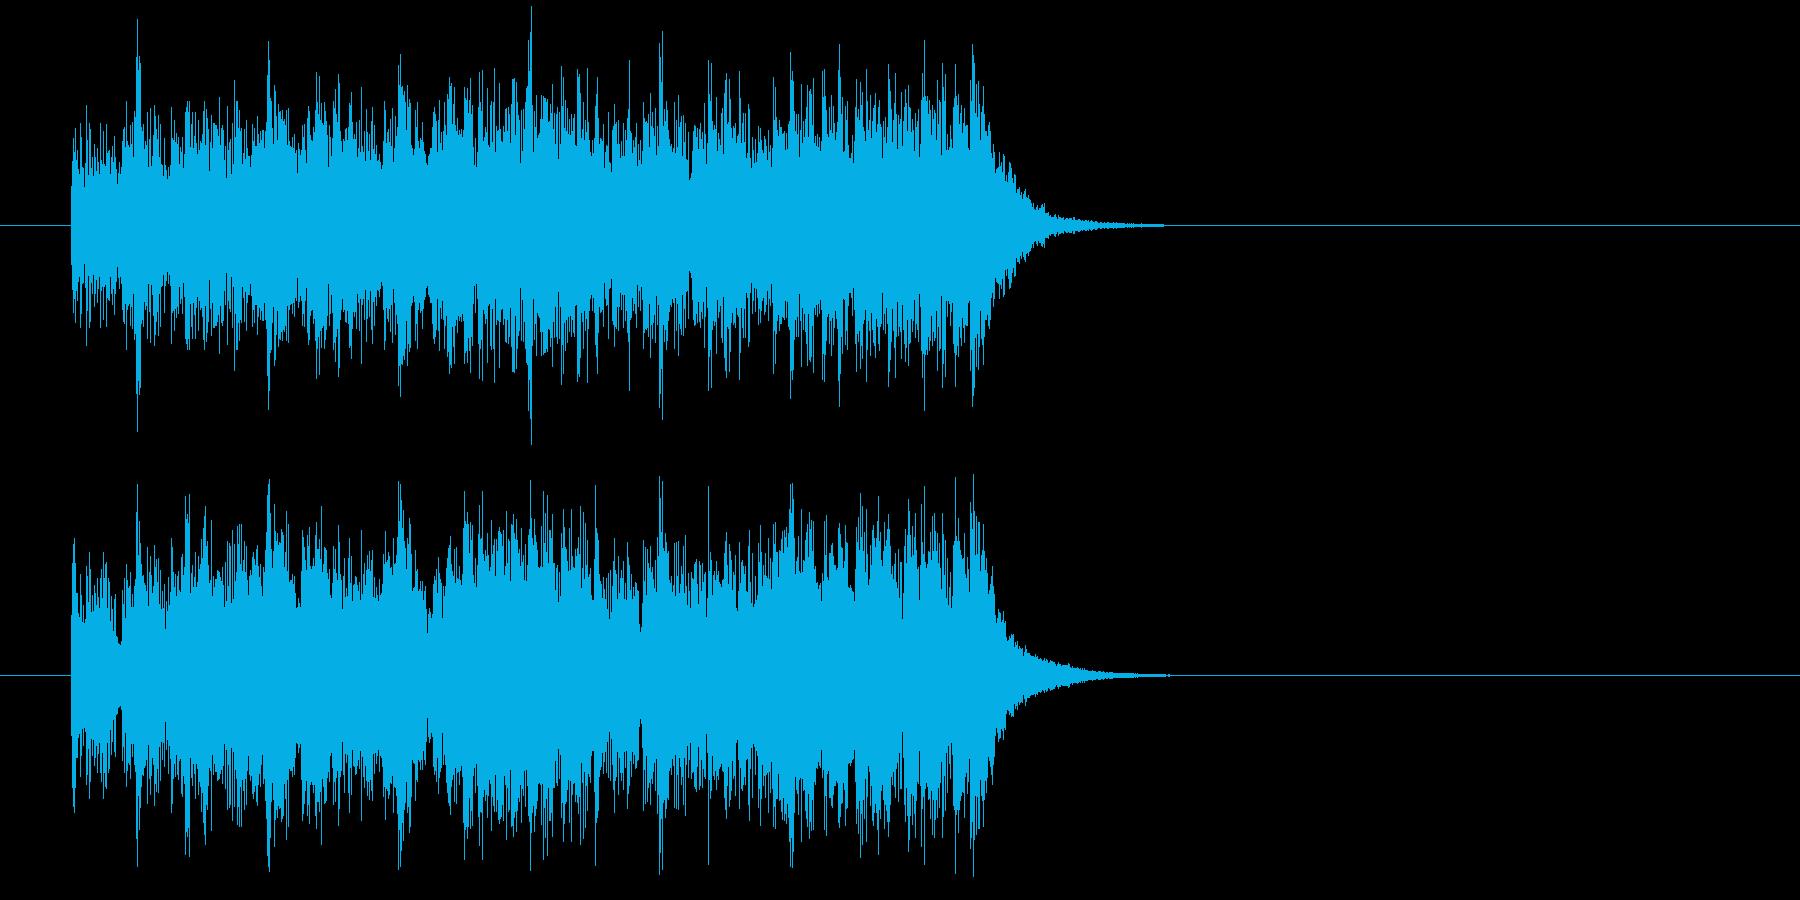 ジングル(スピード感)の再生済みの波形